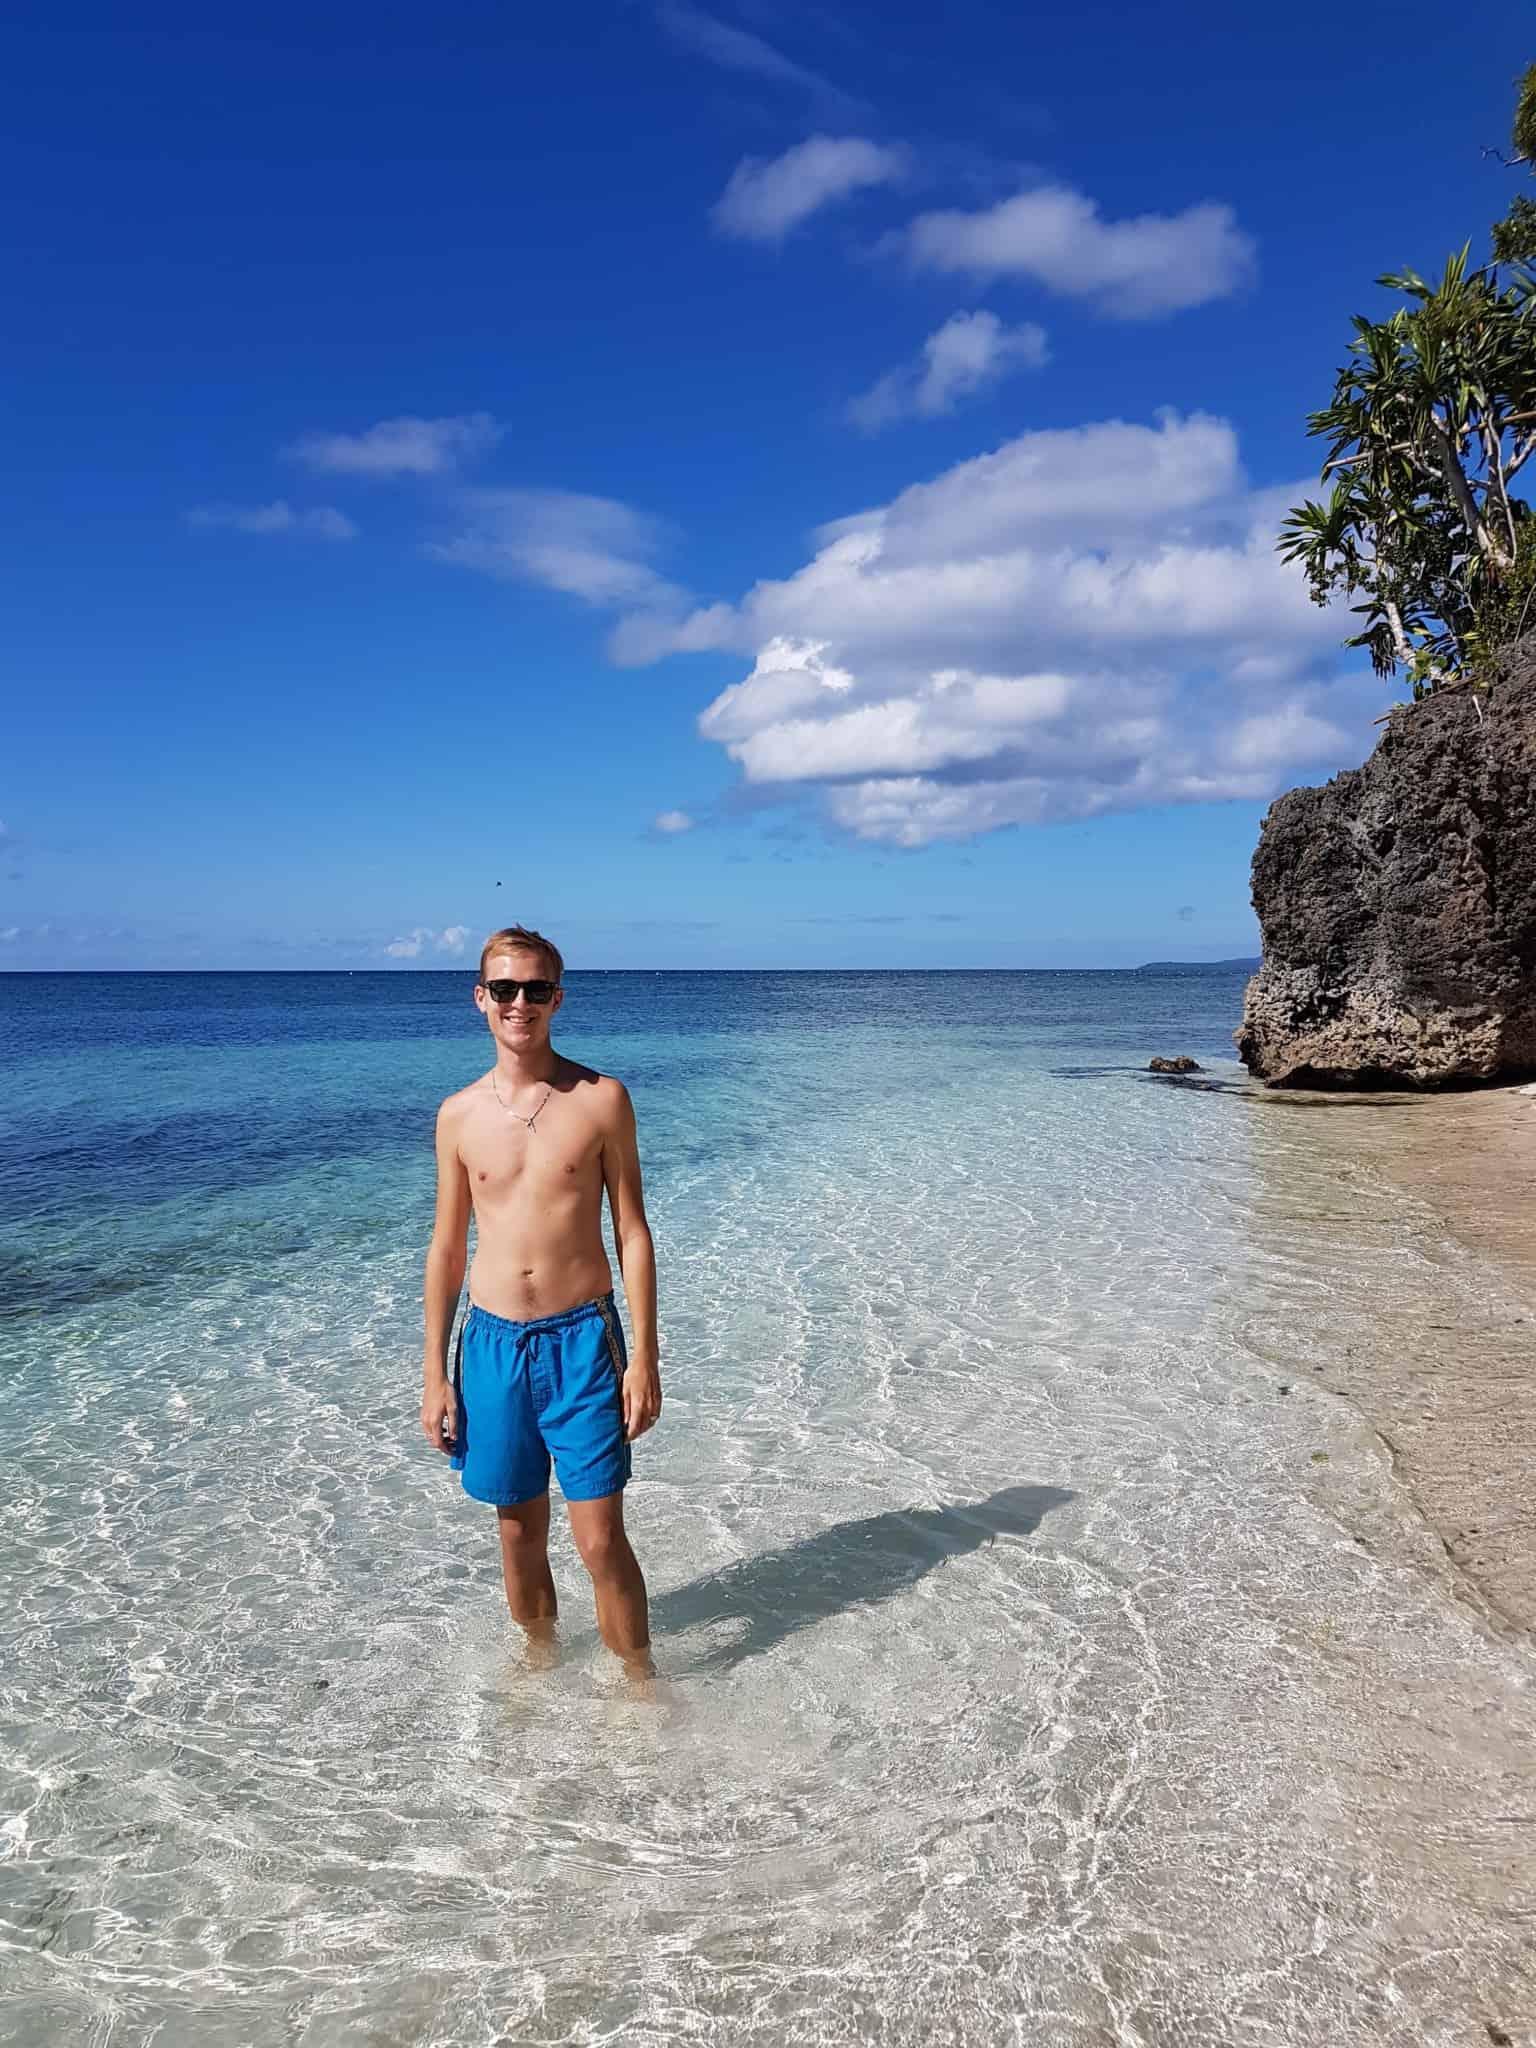 Philippines, Jeff se fait offrir une nuit dans un hôtel **** 😁 8